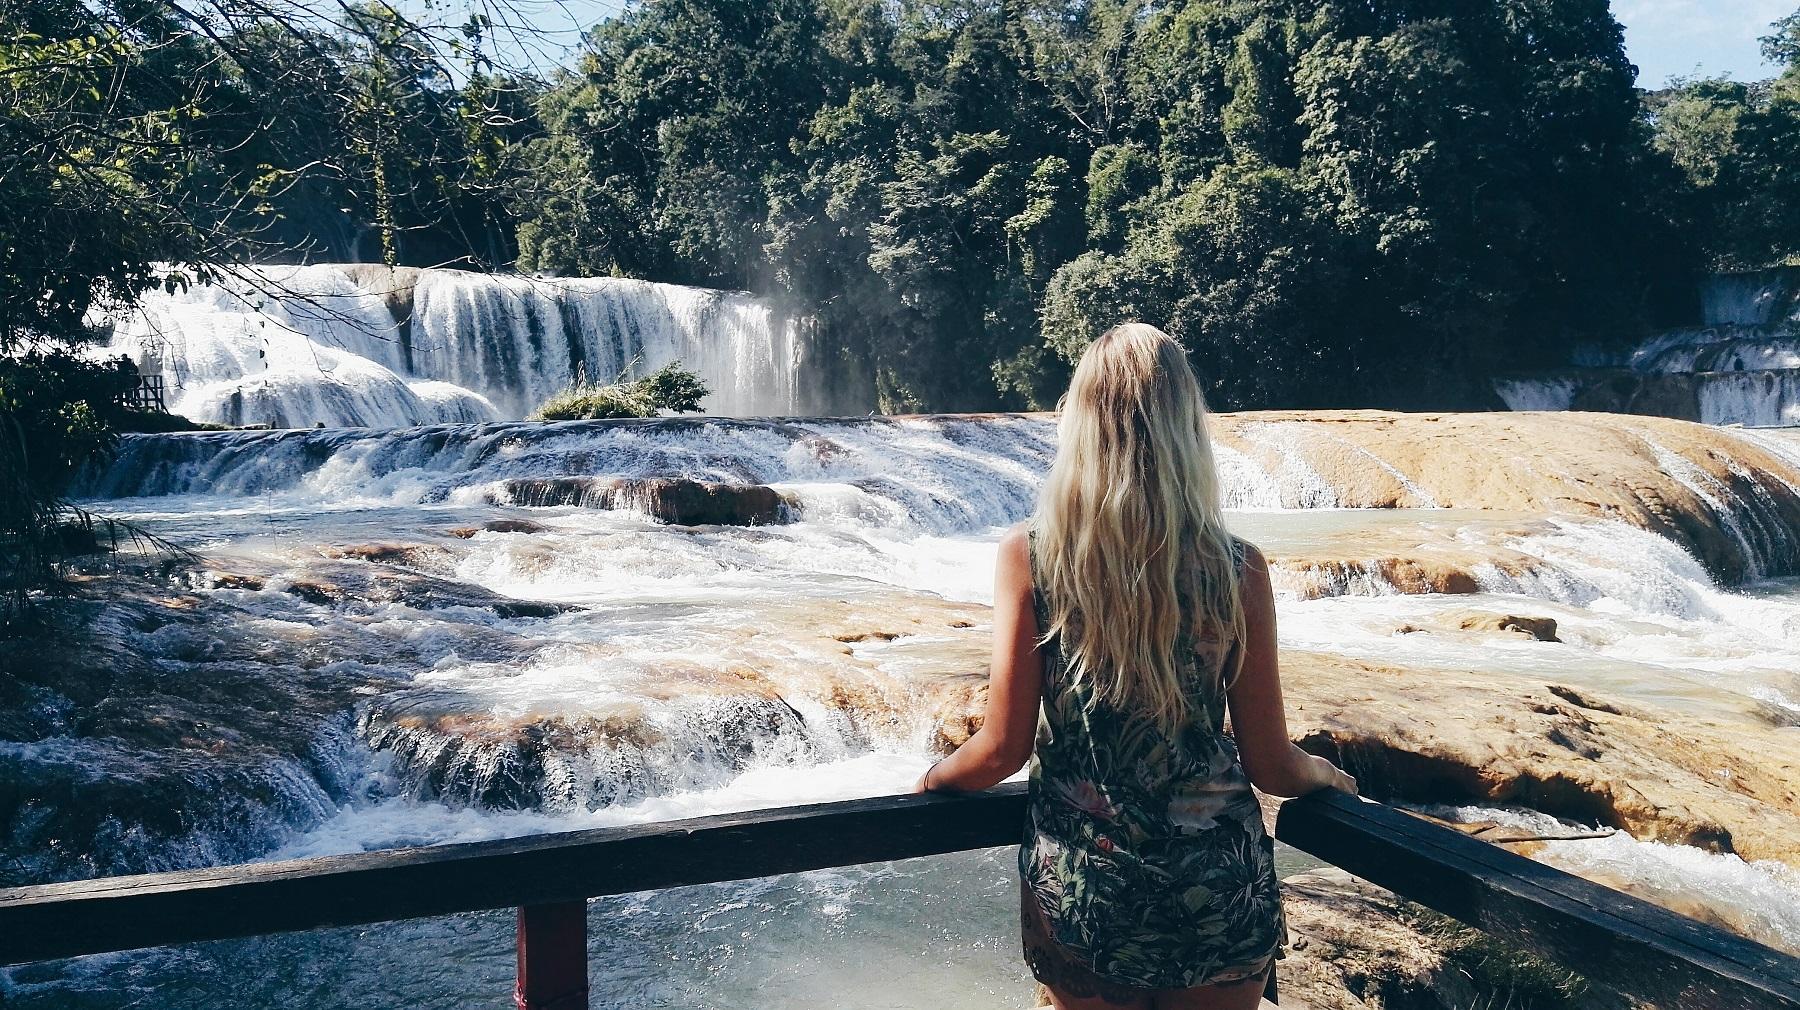 Hier findest du die schönsten Mexiko Reiseziele und Sehenswürdigkeiten. Erkunde die Maya Ruinen von Palenque und starte in dein Dschungel Abenteuer. Ein absoluter Geheimtipp sind außerdem die Wasserfälle Misol-Ha und Cascades de Agua Azul.